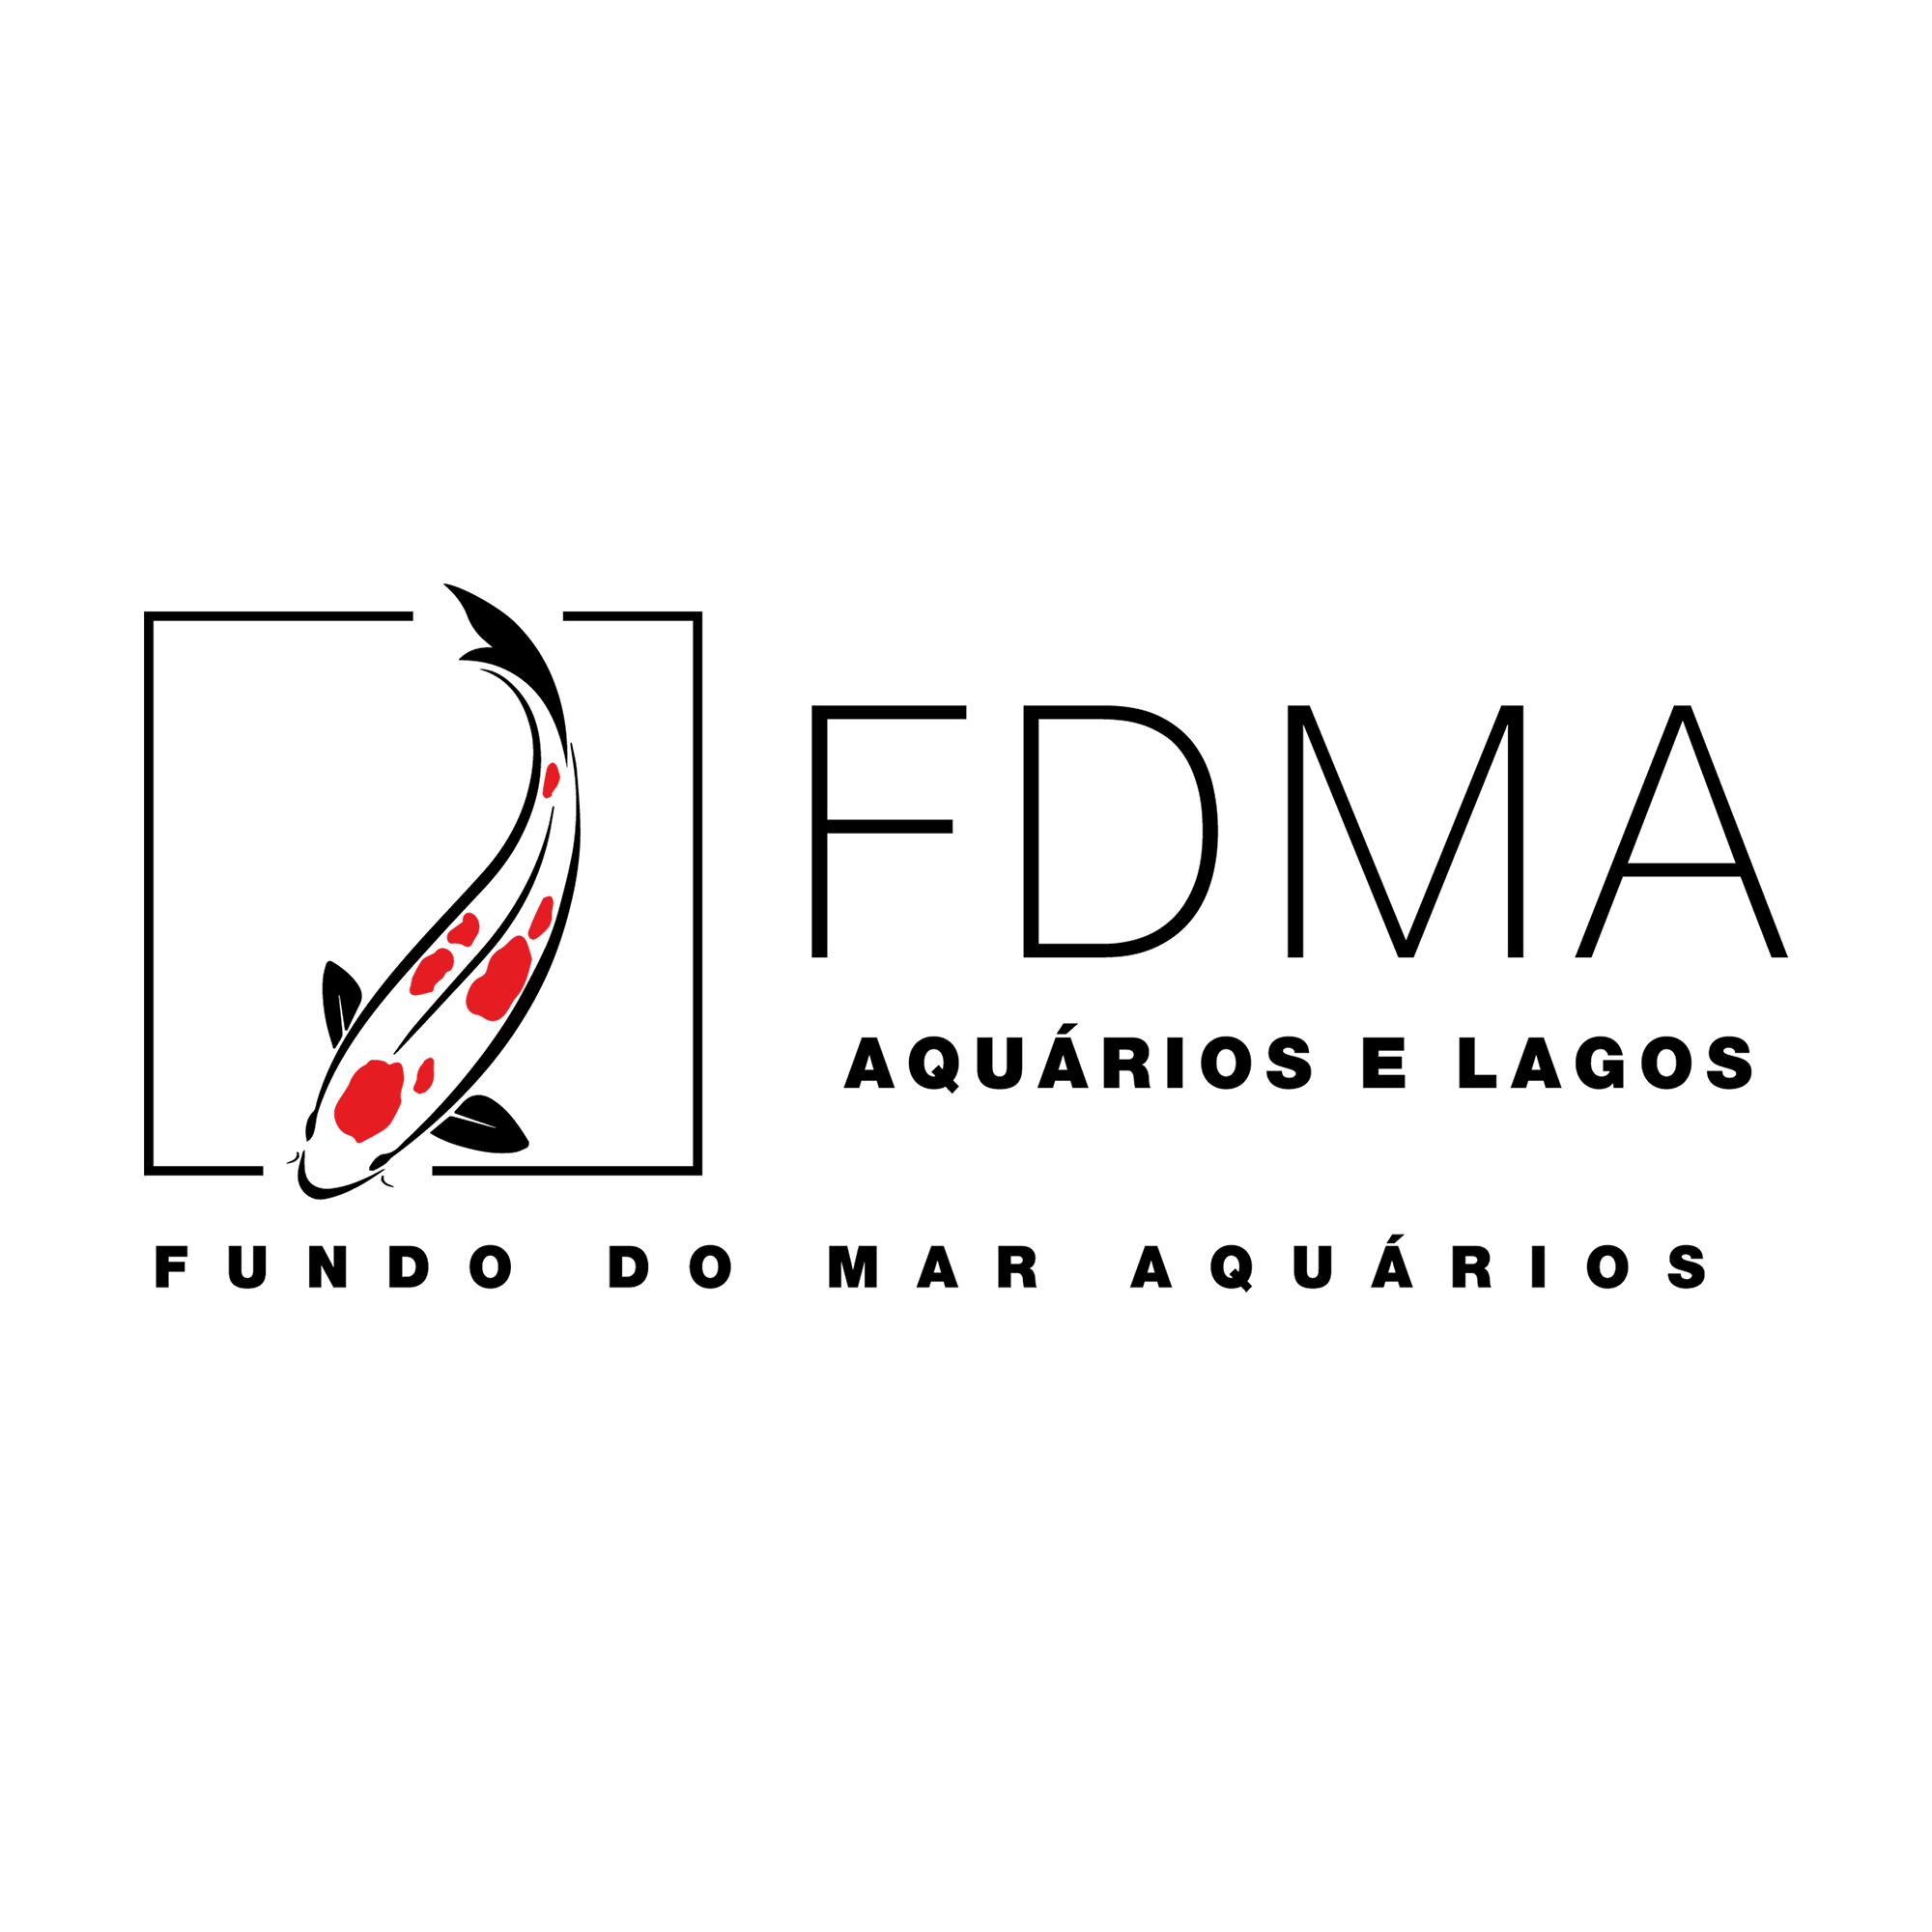 Ração Alcon Reptomix 25g Reptolife + Gammarus